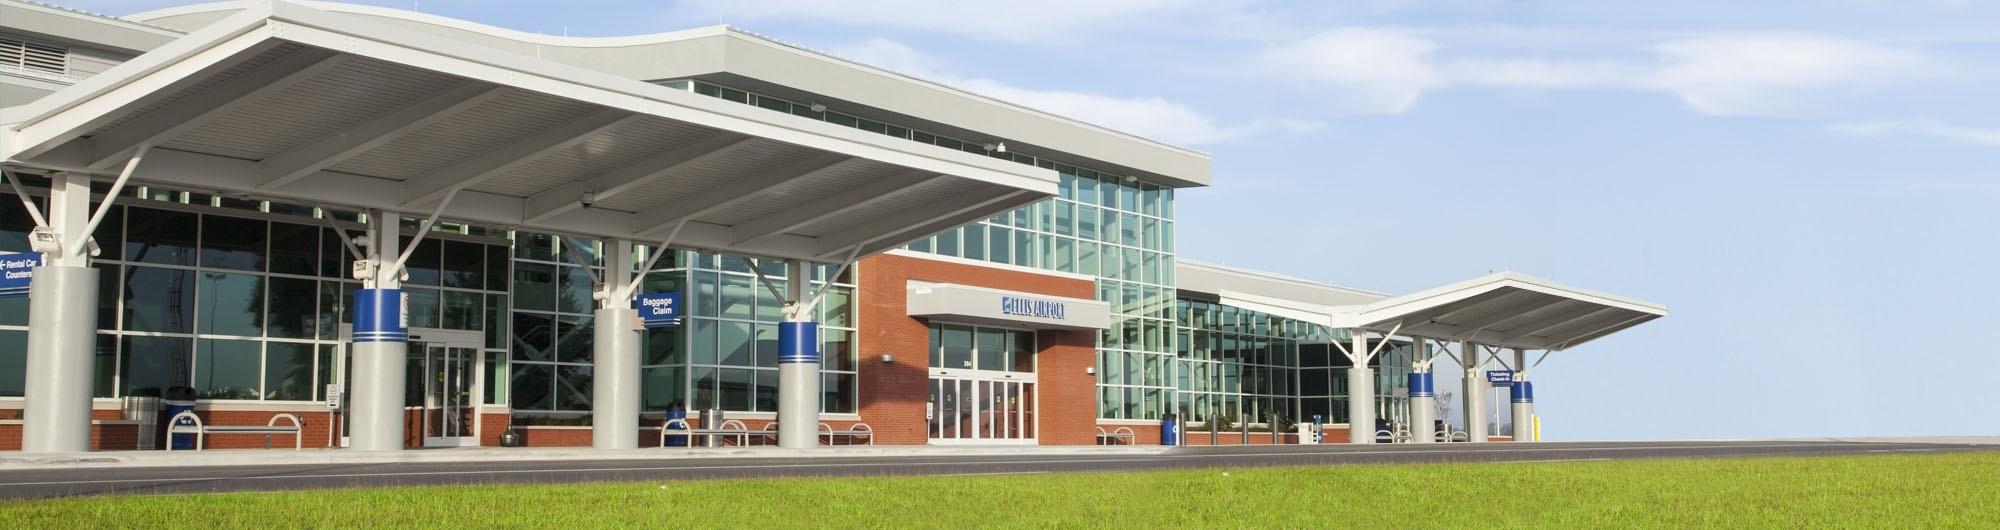 Albert J Ellis Airport Oaj Fly Oaj